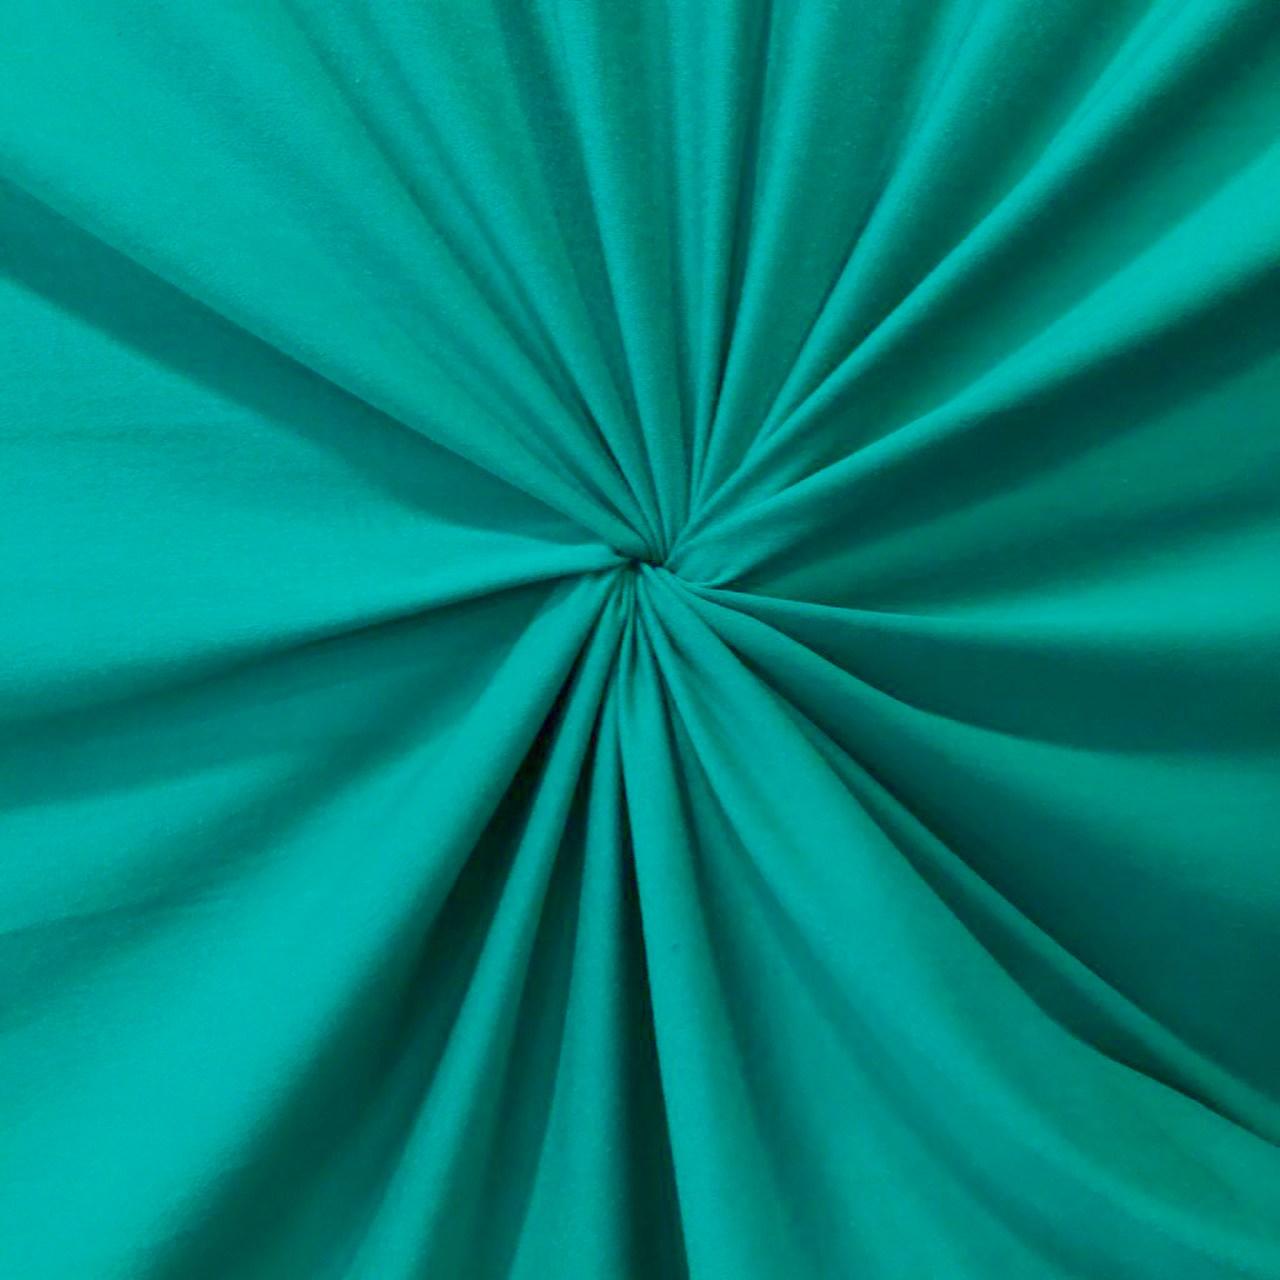 Tecido Malha Viscolycra  92%Viscose 8%Elastano Verde Bandeira